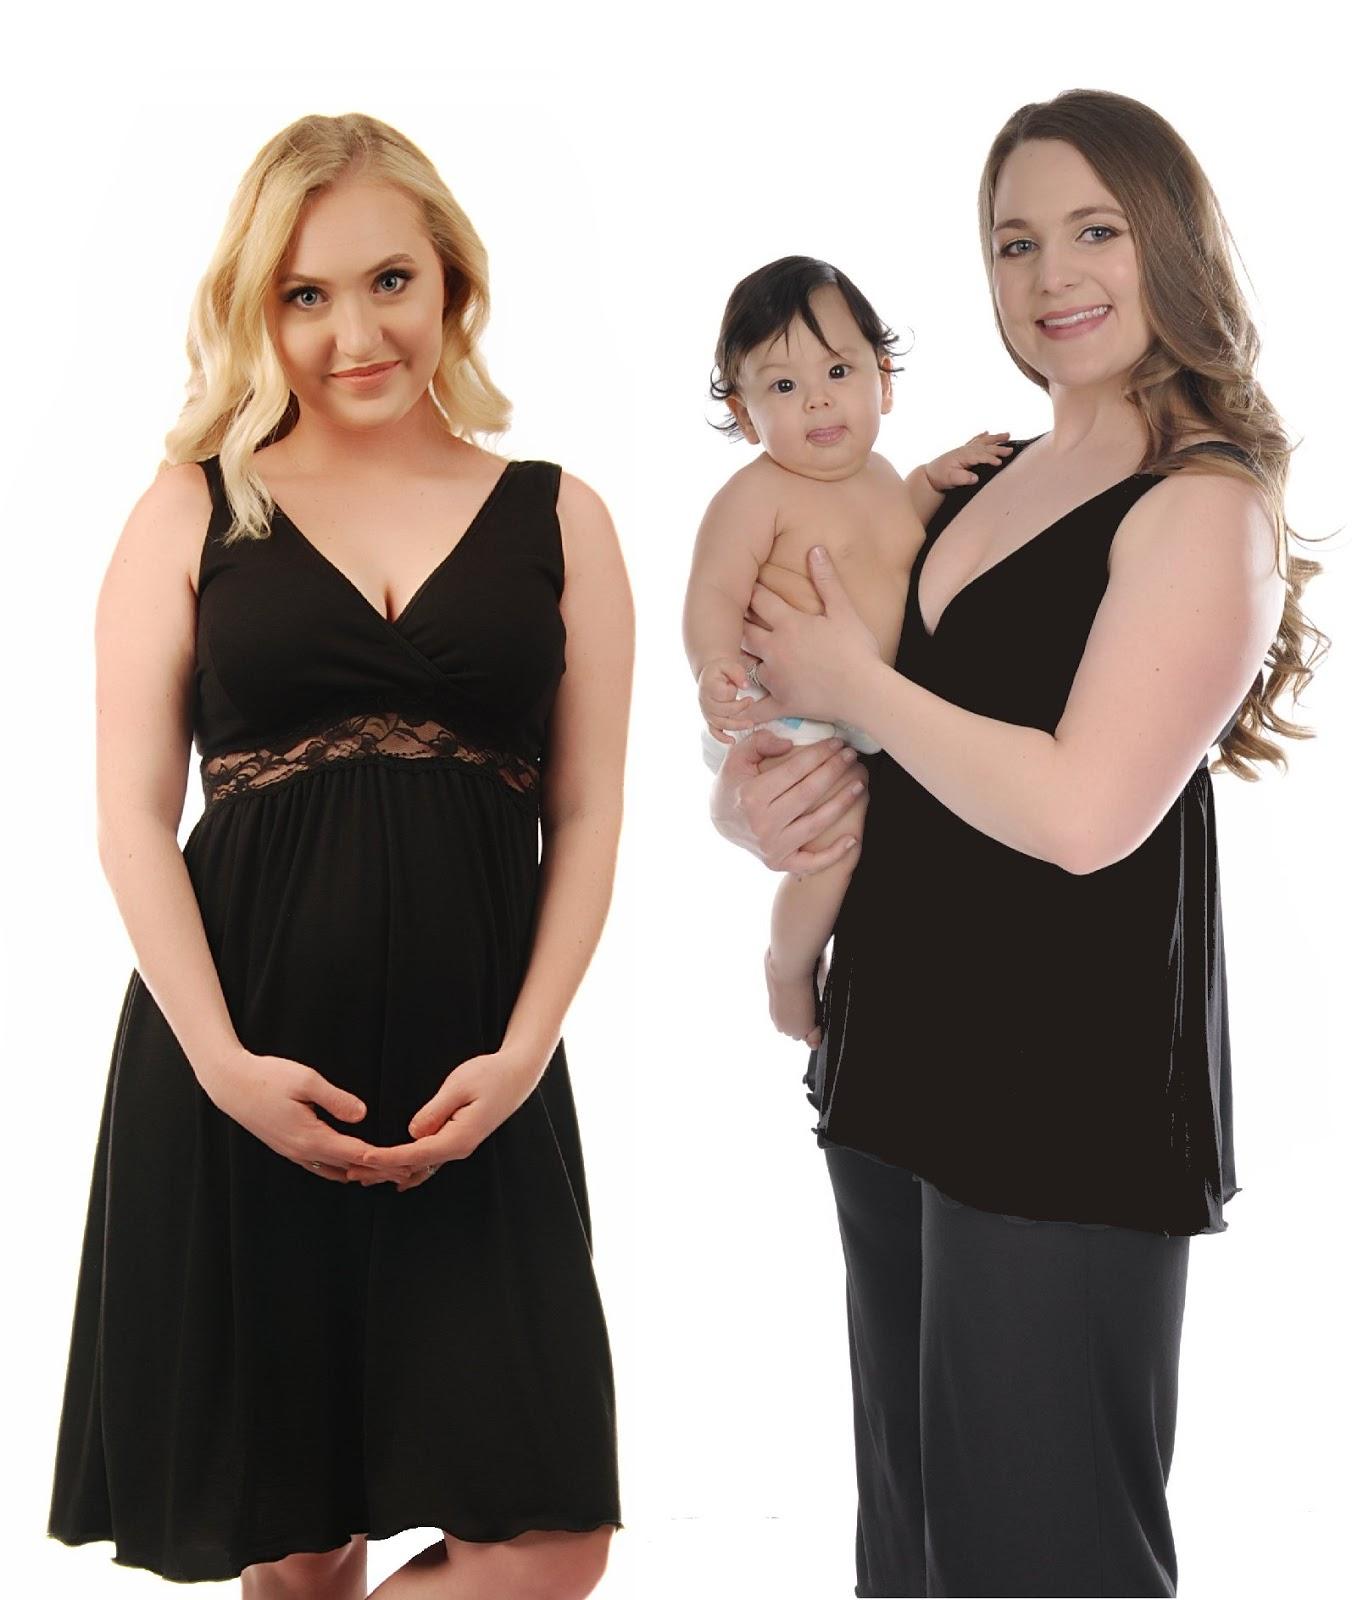 Best in Plus Size Maternity Nursing Wear